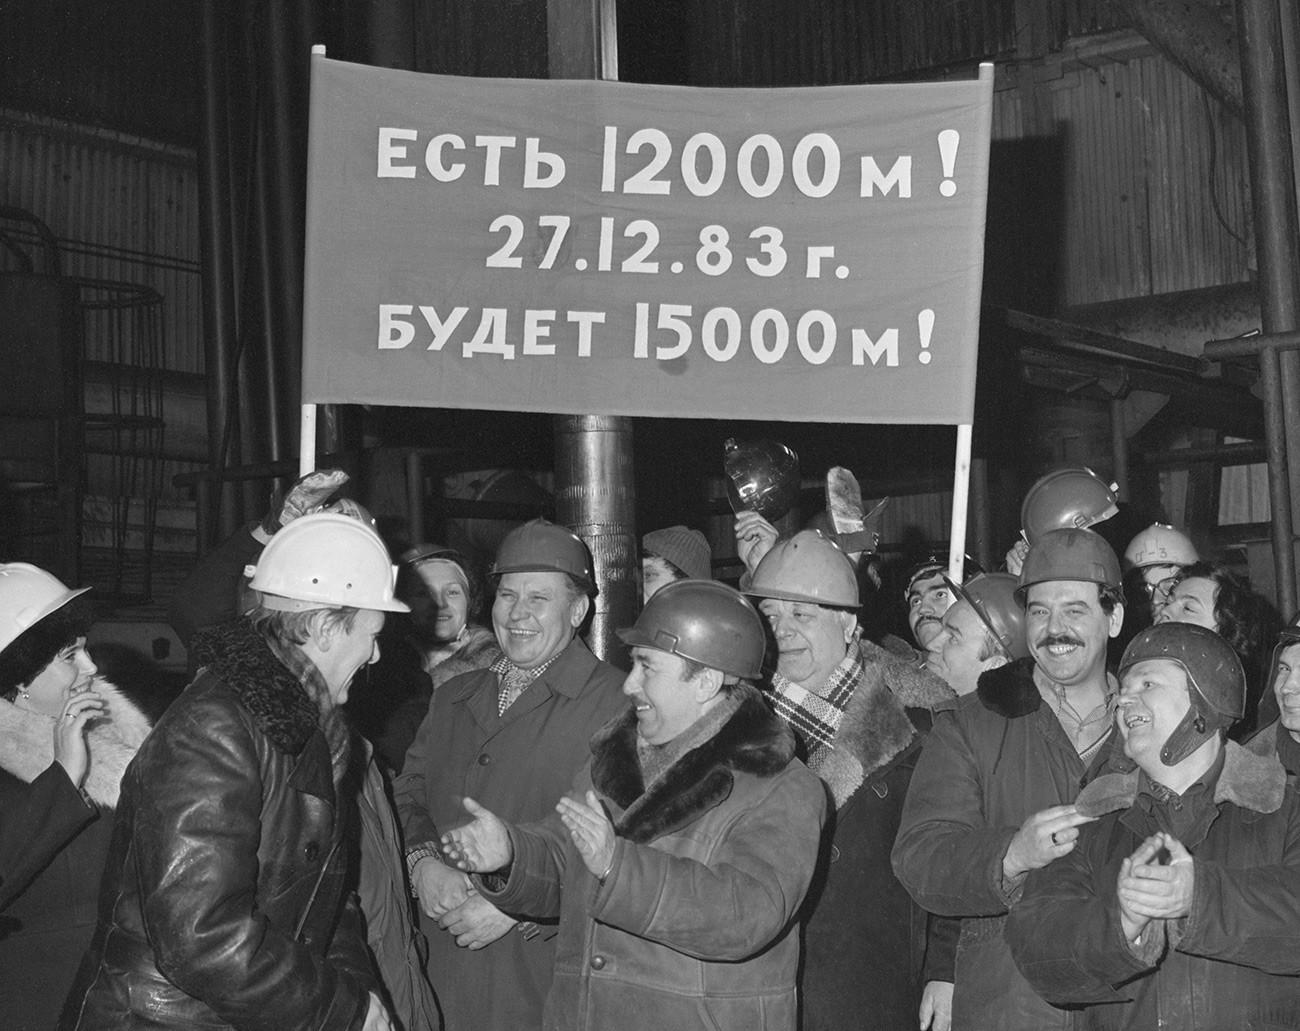 Пробушили 12.000 метара! Пробушићемо и 15.000 метара! (27.12.1983.)